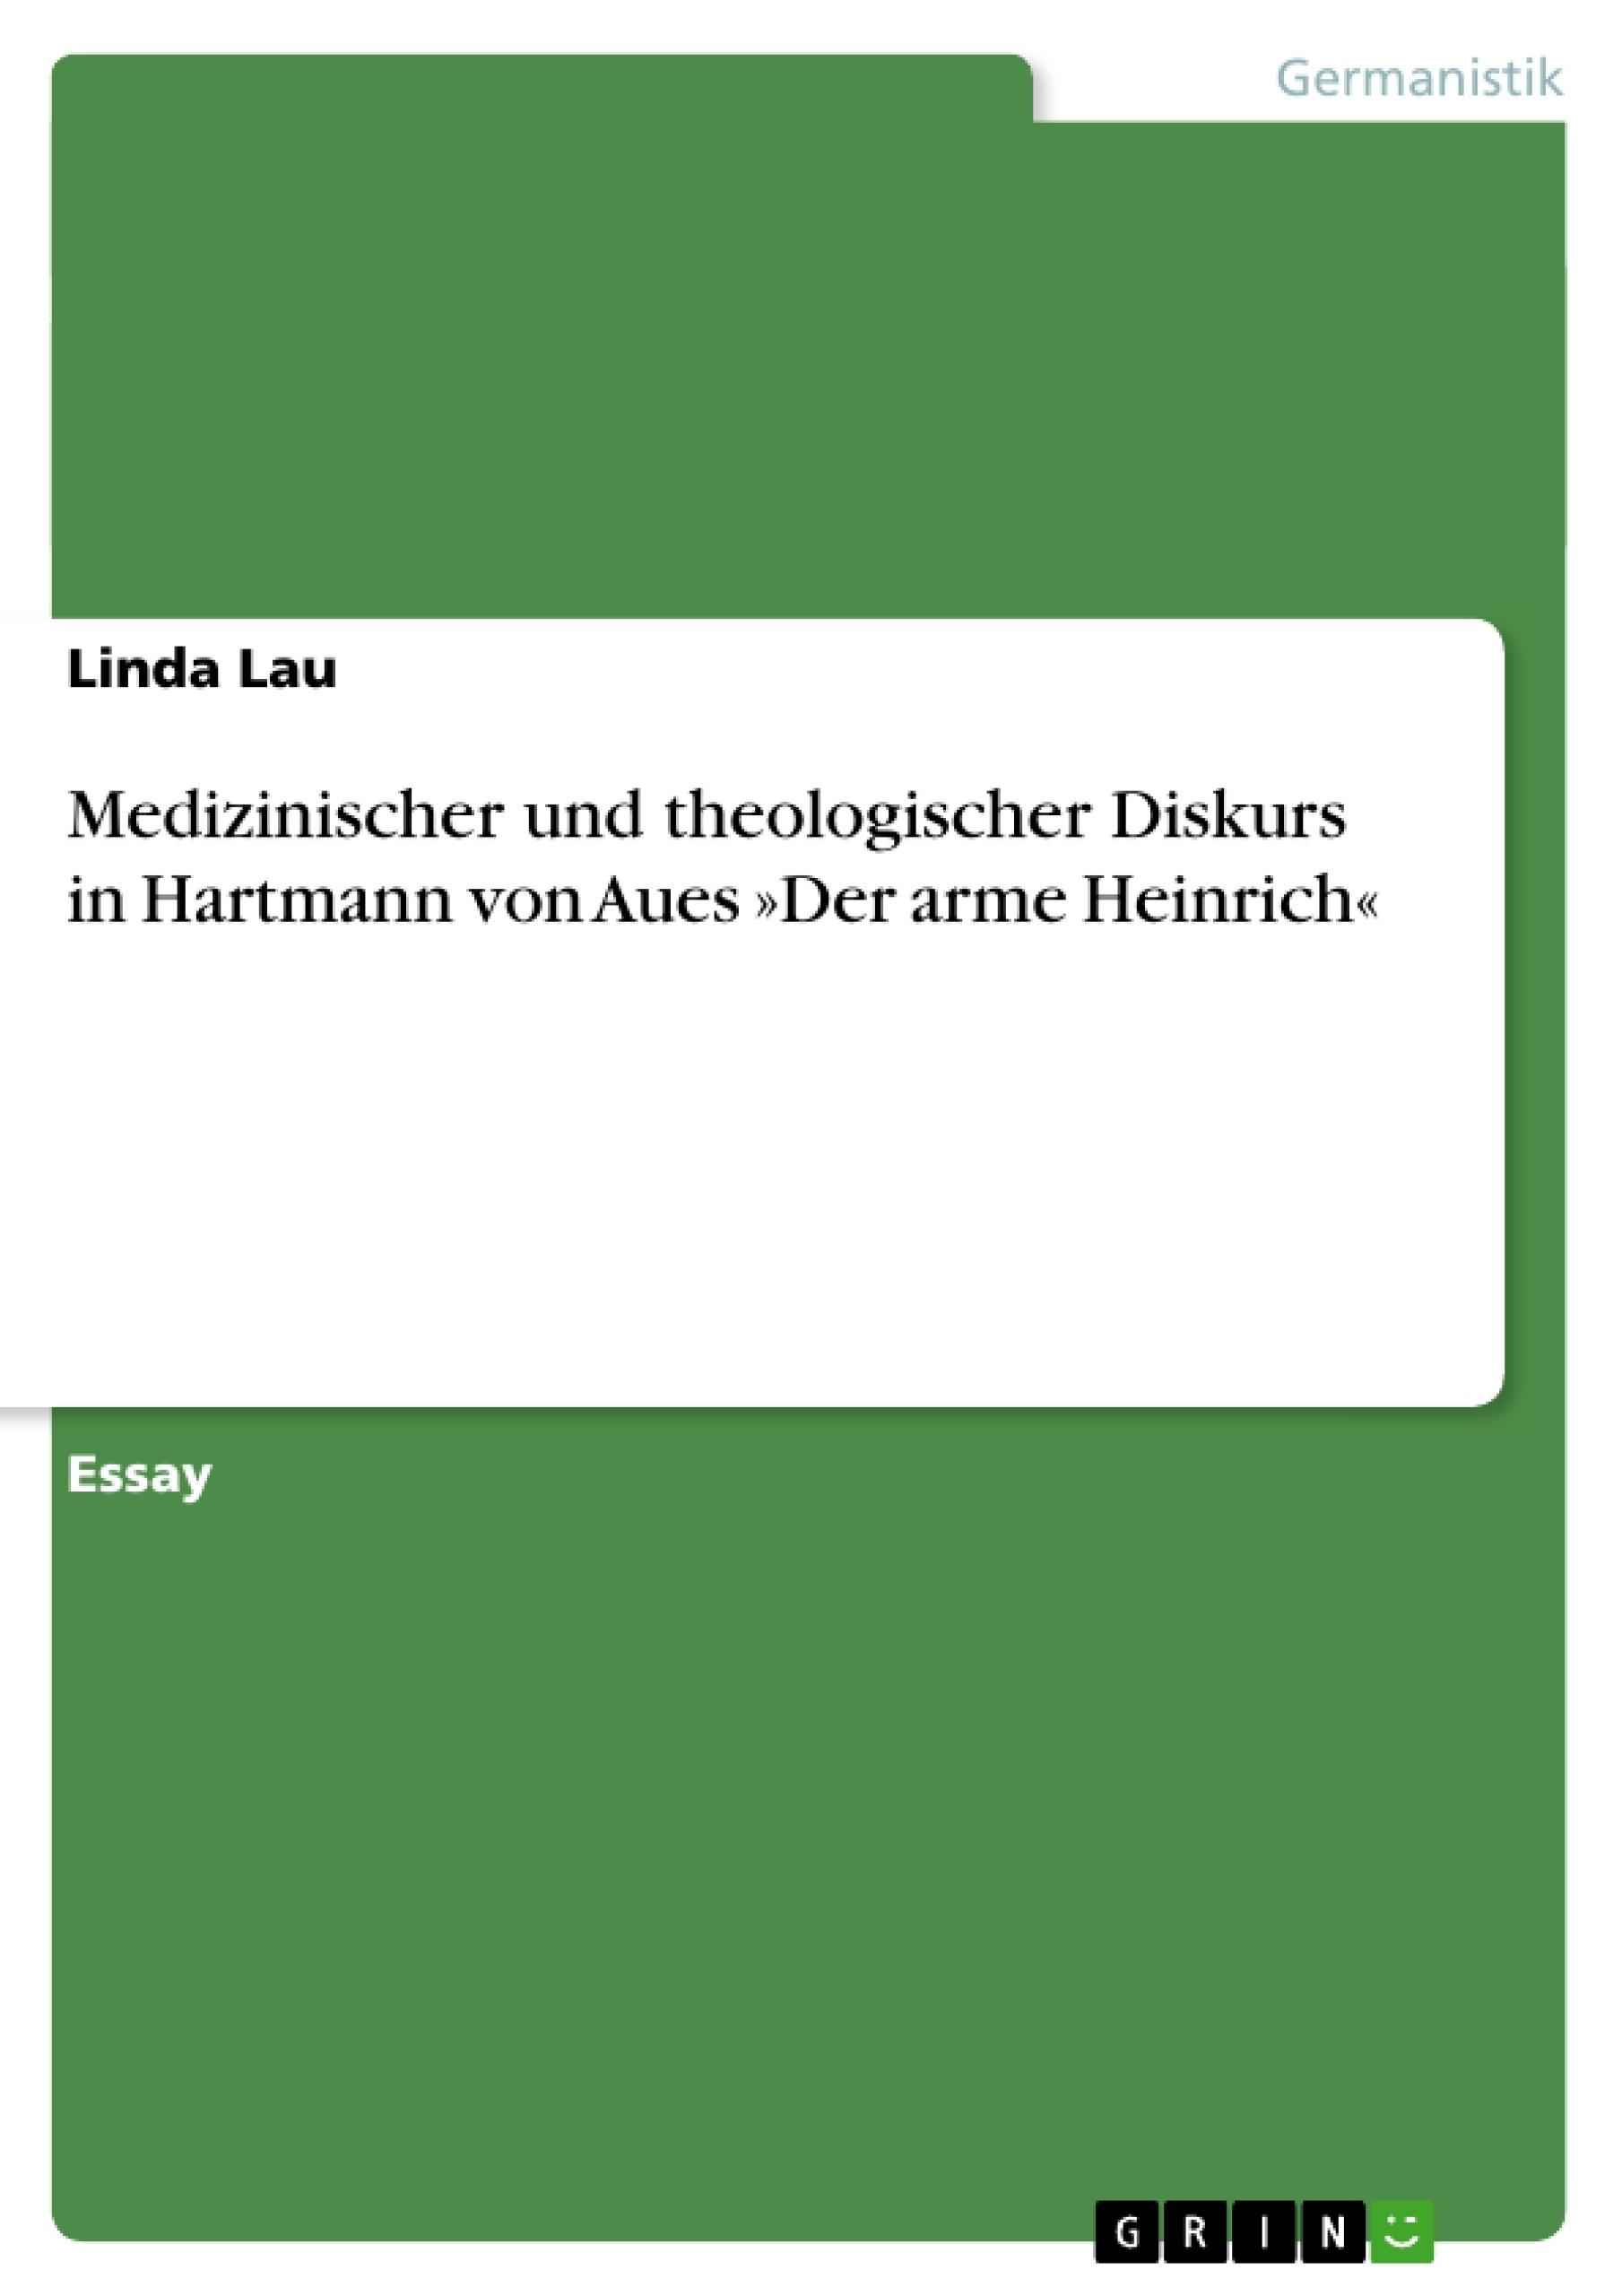 Titel: Medizinischer und theologischer Diskurs in Hartmann von Aues »Der arme Heinrich«